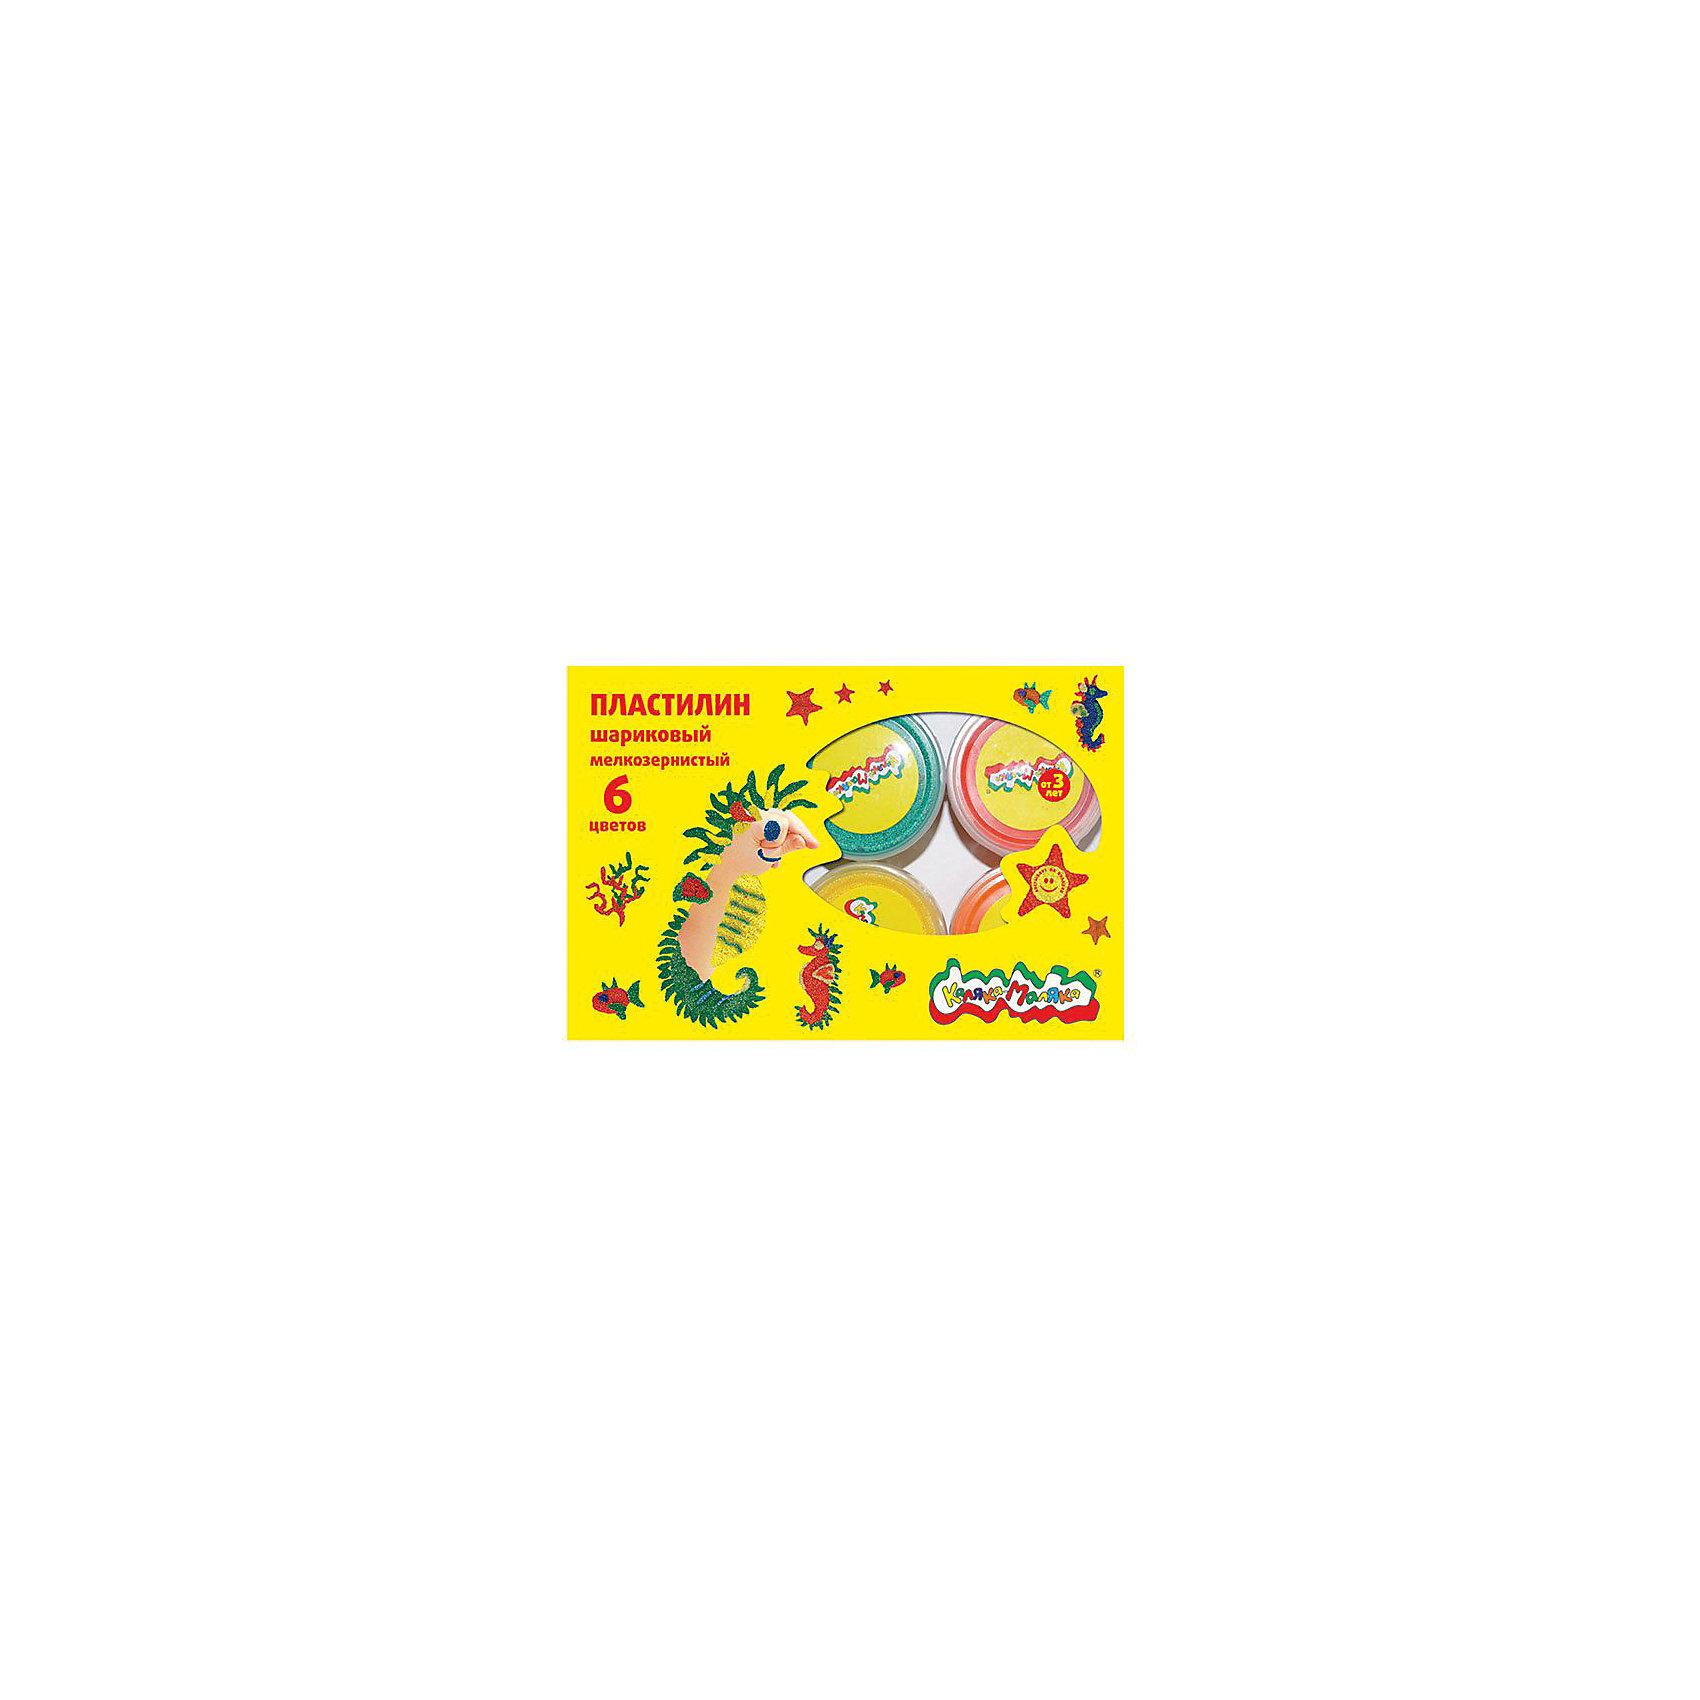 Шариковый пластилин 6 цветовШариковый пластилин<br>Маленькие шарики, из которых состоит этот пластилин, соединены между собой гелевым раствором, который не прилипает к рукам, но позволяет легко склеивать вылепленные элементы между собой. Пластилин воздушный, пластичный и при лепке приятно массирует ладошки. Идеально подходит для заполнения витражей, декорирования поделок из массы для лепки и создания аппликаций на картоне. Для создания объемных поделок необходимо использовать твердую основу или вначале слегка подсушить пластилин на воздухе. Перед применением полностью извлечь из баночки и перемешать до равномерного распределения геля между пенопластовыми шариками. Пластилин застывает на воздухе в течение 3-12 часов в зависимости от размера поделки. Классические наборы шарикового мелкозернистого пластилина Каляка-Маляка содержат 33 г пластилина каждого цвета. В ассортименте имеются наборы из 6 цветов - (красный, синий, зеленый, желтый, белый, черный)<br><br>Ширина мм: 212<br>Глубина мм: 180<br>Высота мм: 40<br>Вес г: 265<br>Возраст от месяцев: 36<br>Возраст до месяцев: 108<br>Пол: Унисекс<br>Возраст: Детский<br>SKU: 5188791